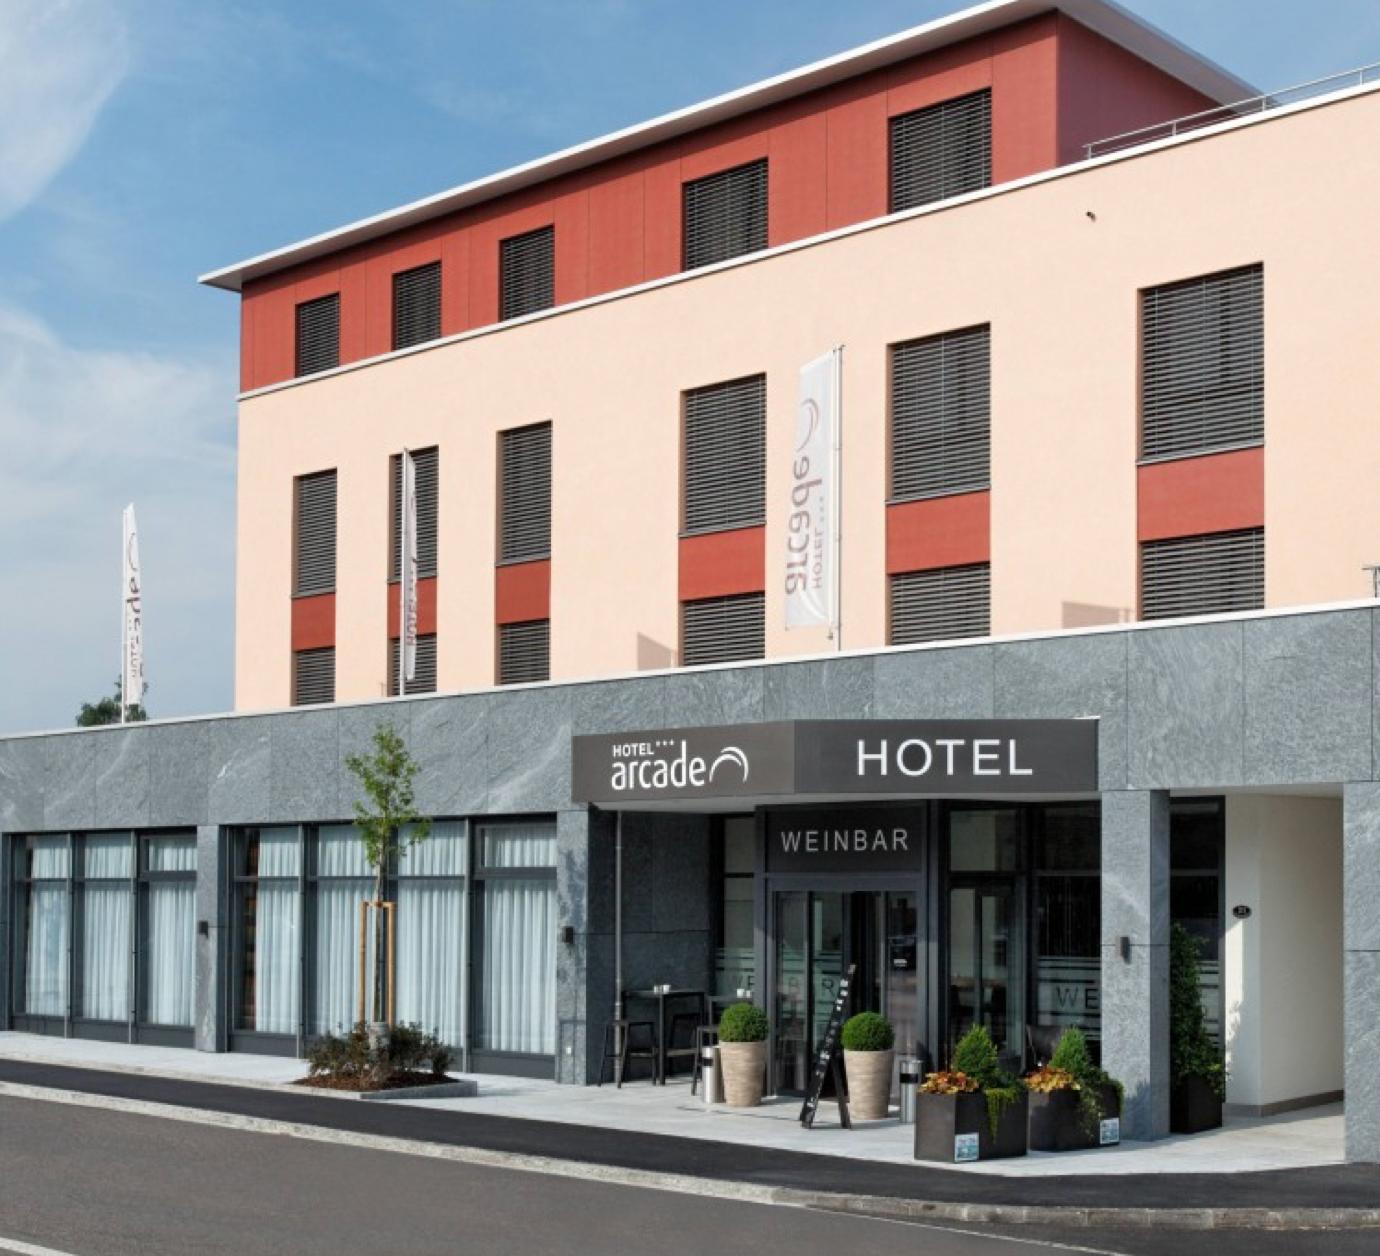 Acrade Hotel